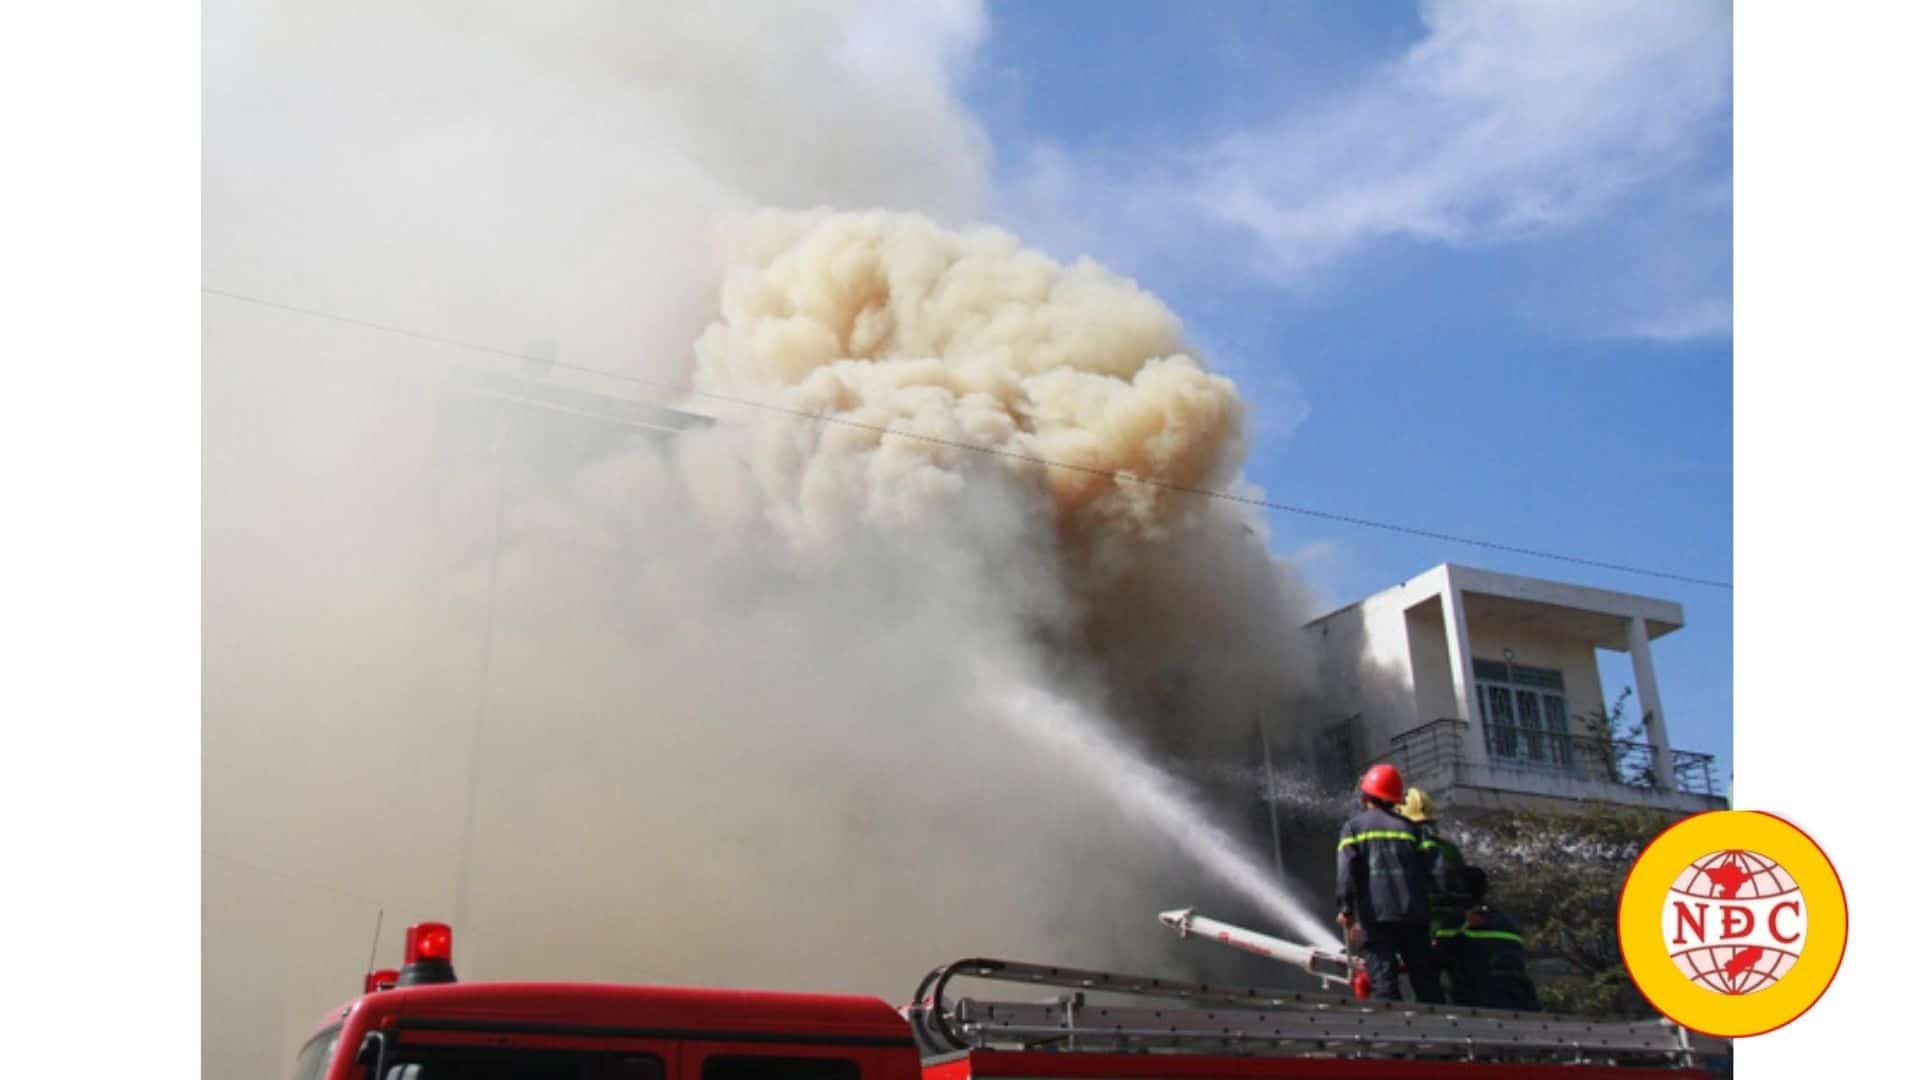 Các Bước Cấp Giấy Chứng Nhận Đủ Điều Kiện Về Phòng Cháy Và Chữa Cháy